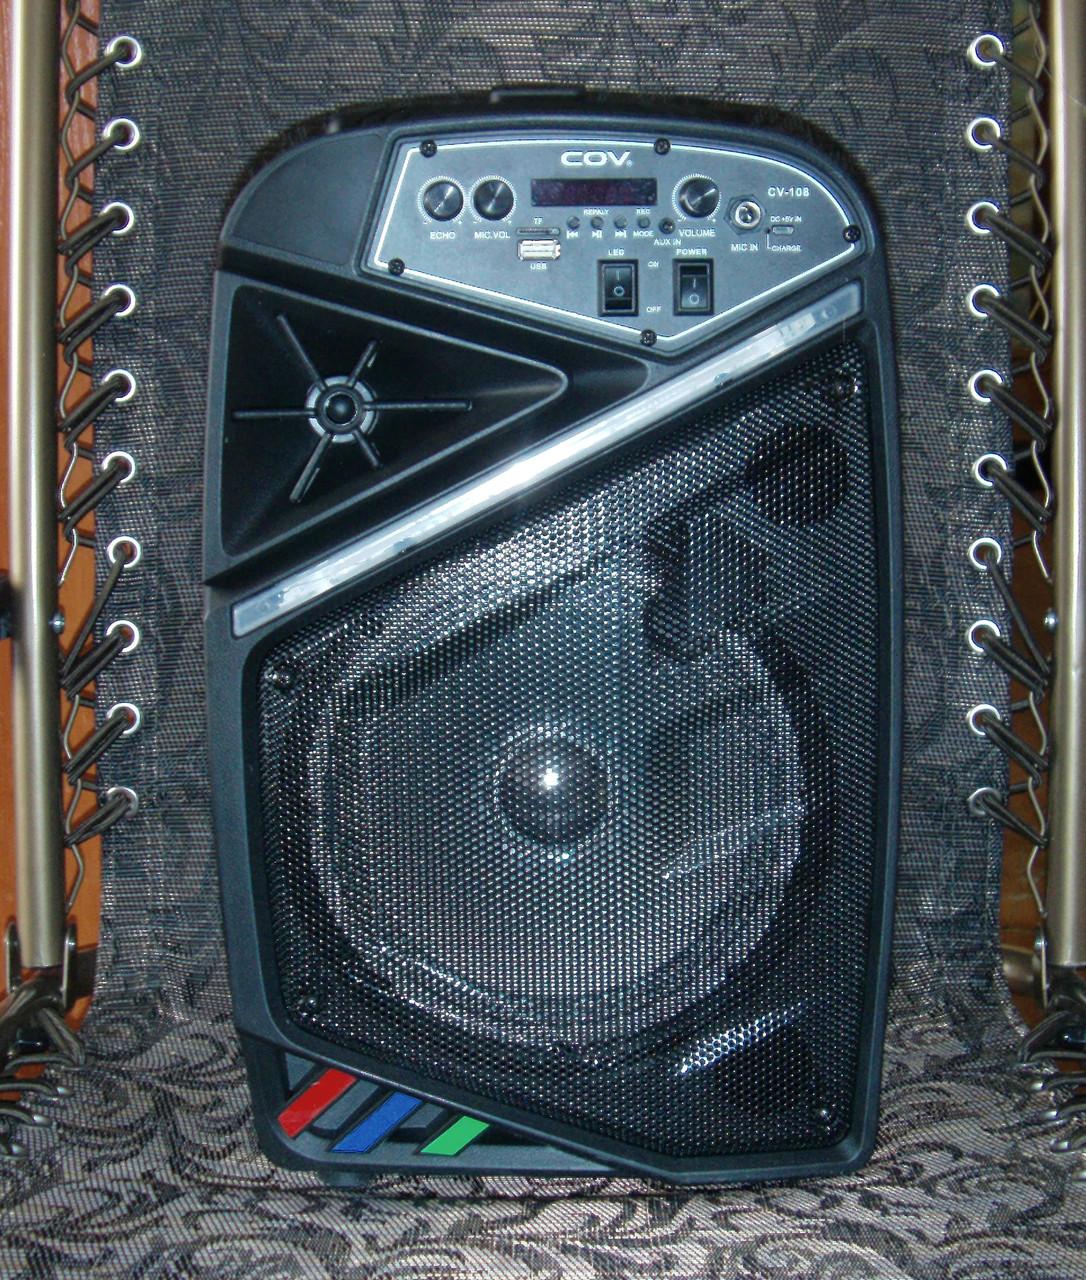 Колонка караоке беспроводная с беспроводным микрофоном Cov-108. В описании есть видео обзор колонки! - фото 2